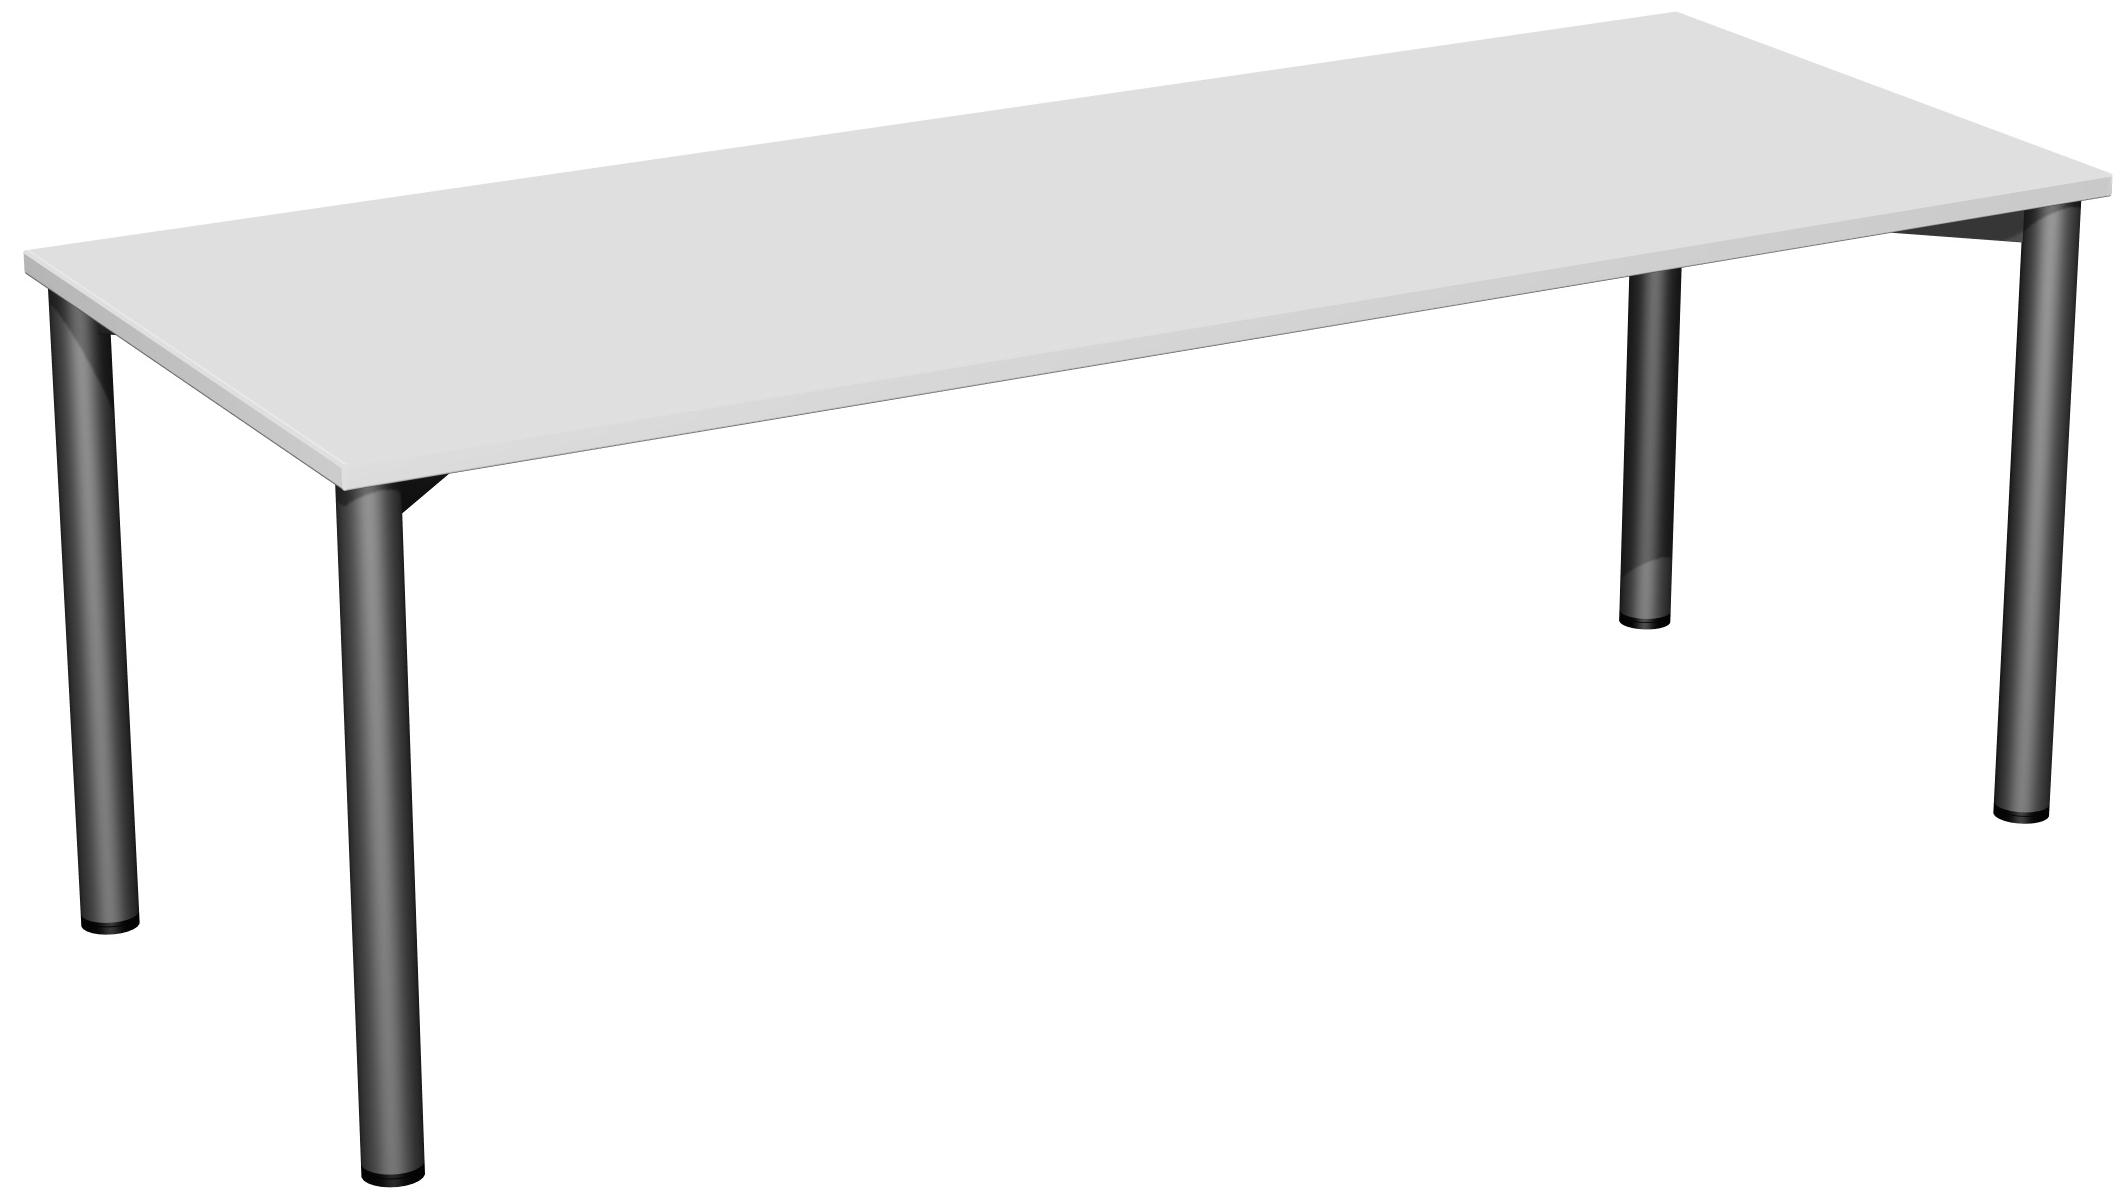 schreibtisch 200 cm fotos das sieht spannende mobelpix. Black Bedroom Furniture Sets. Home Design Ideas